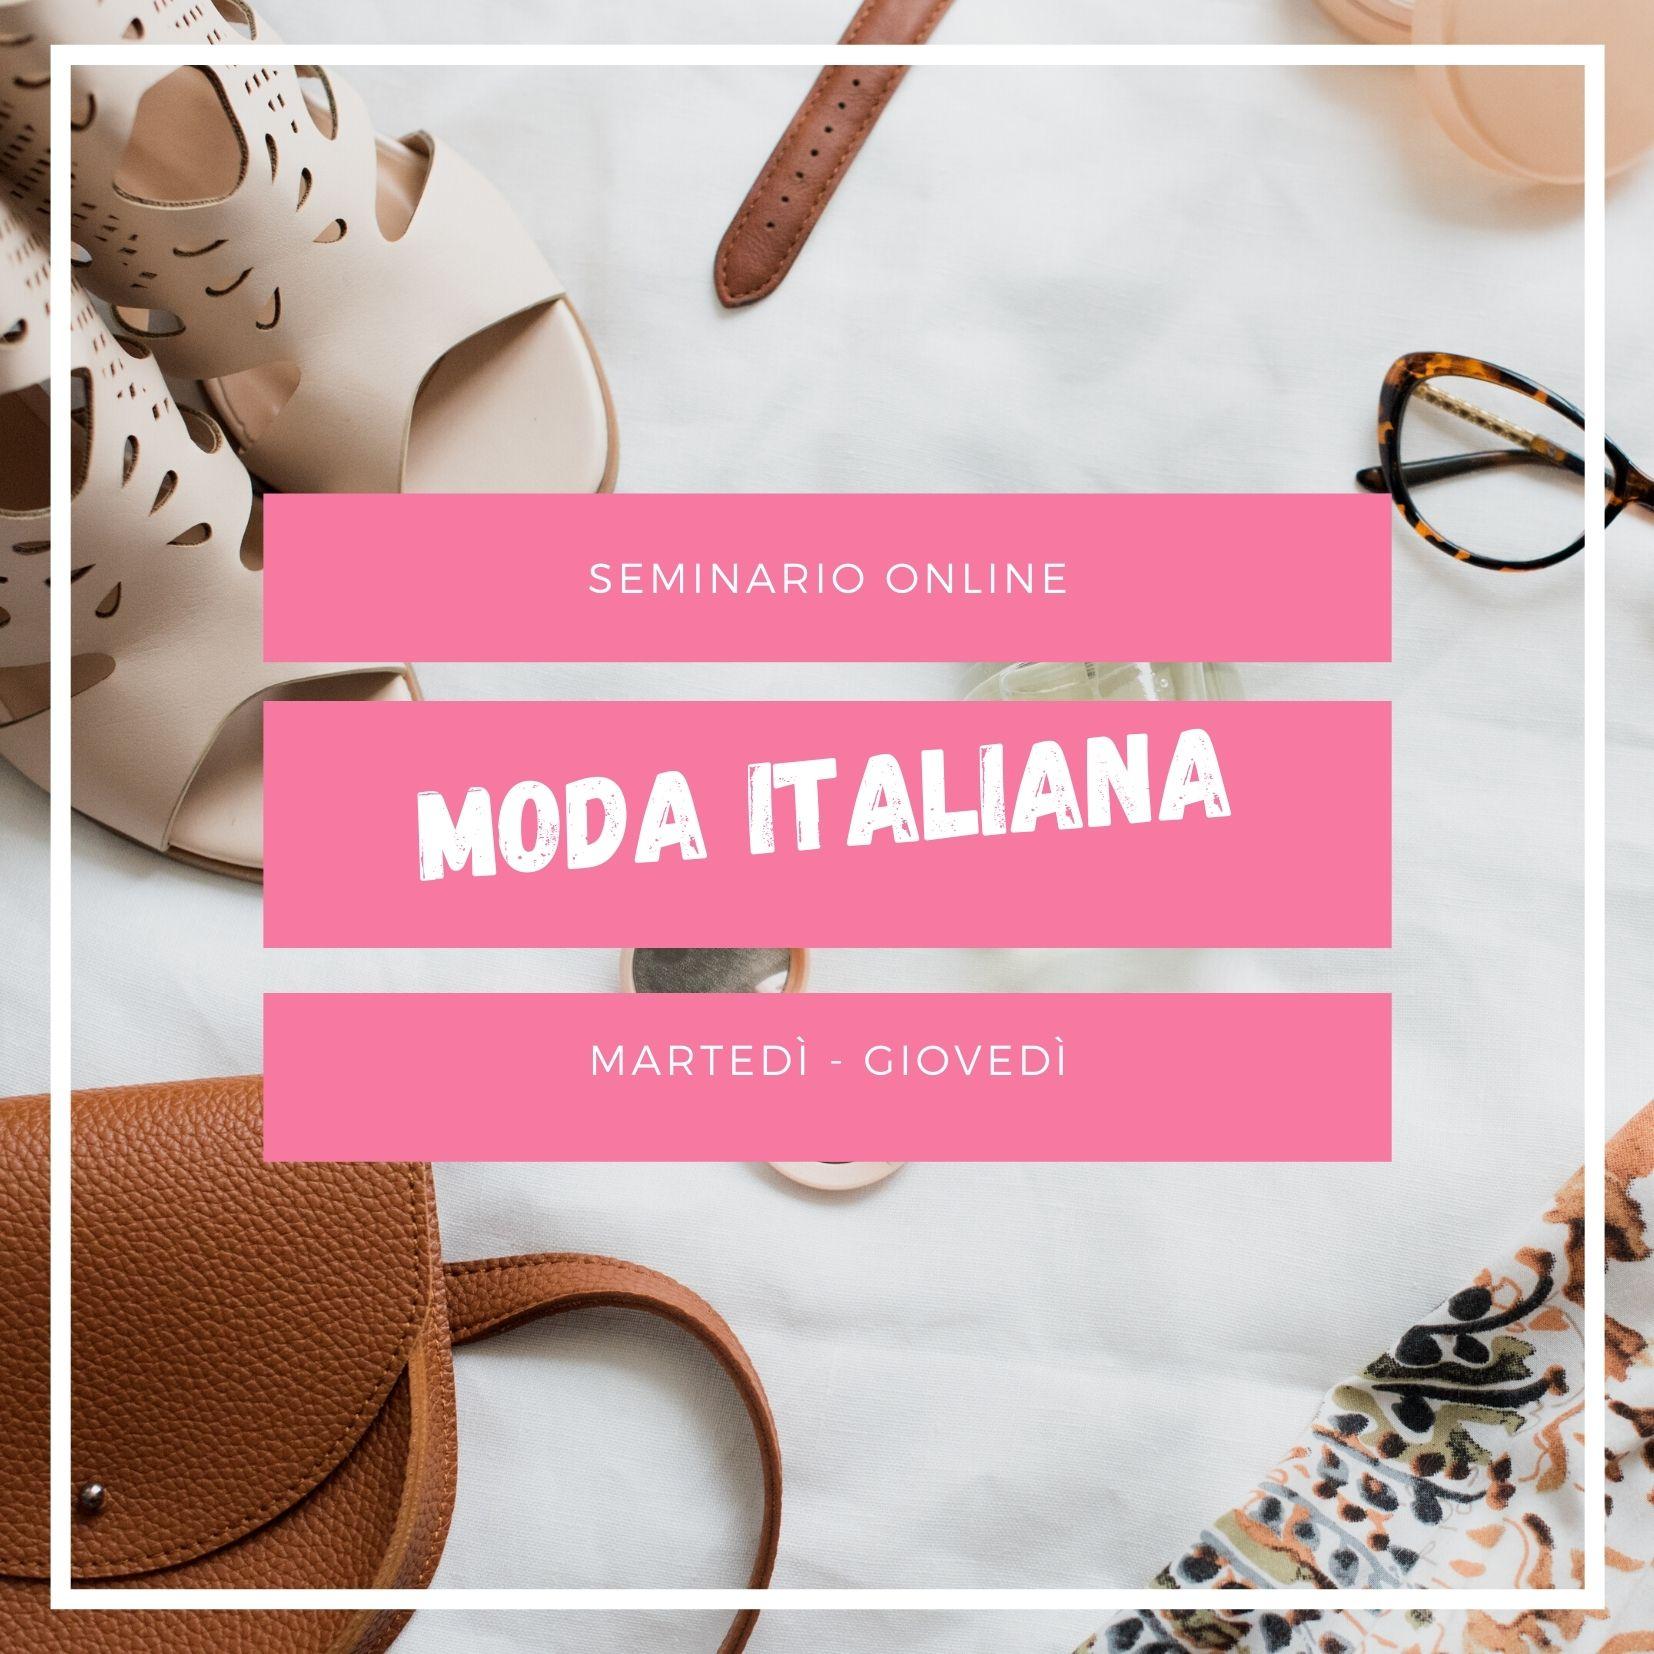 Seminario online di moda italiana